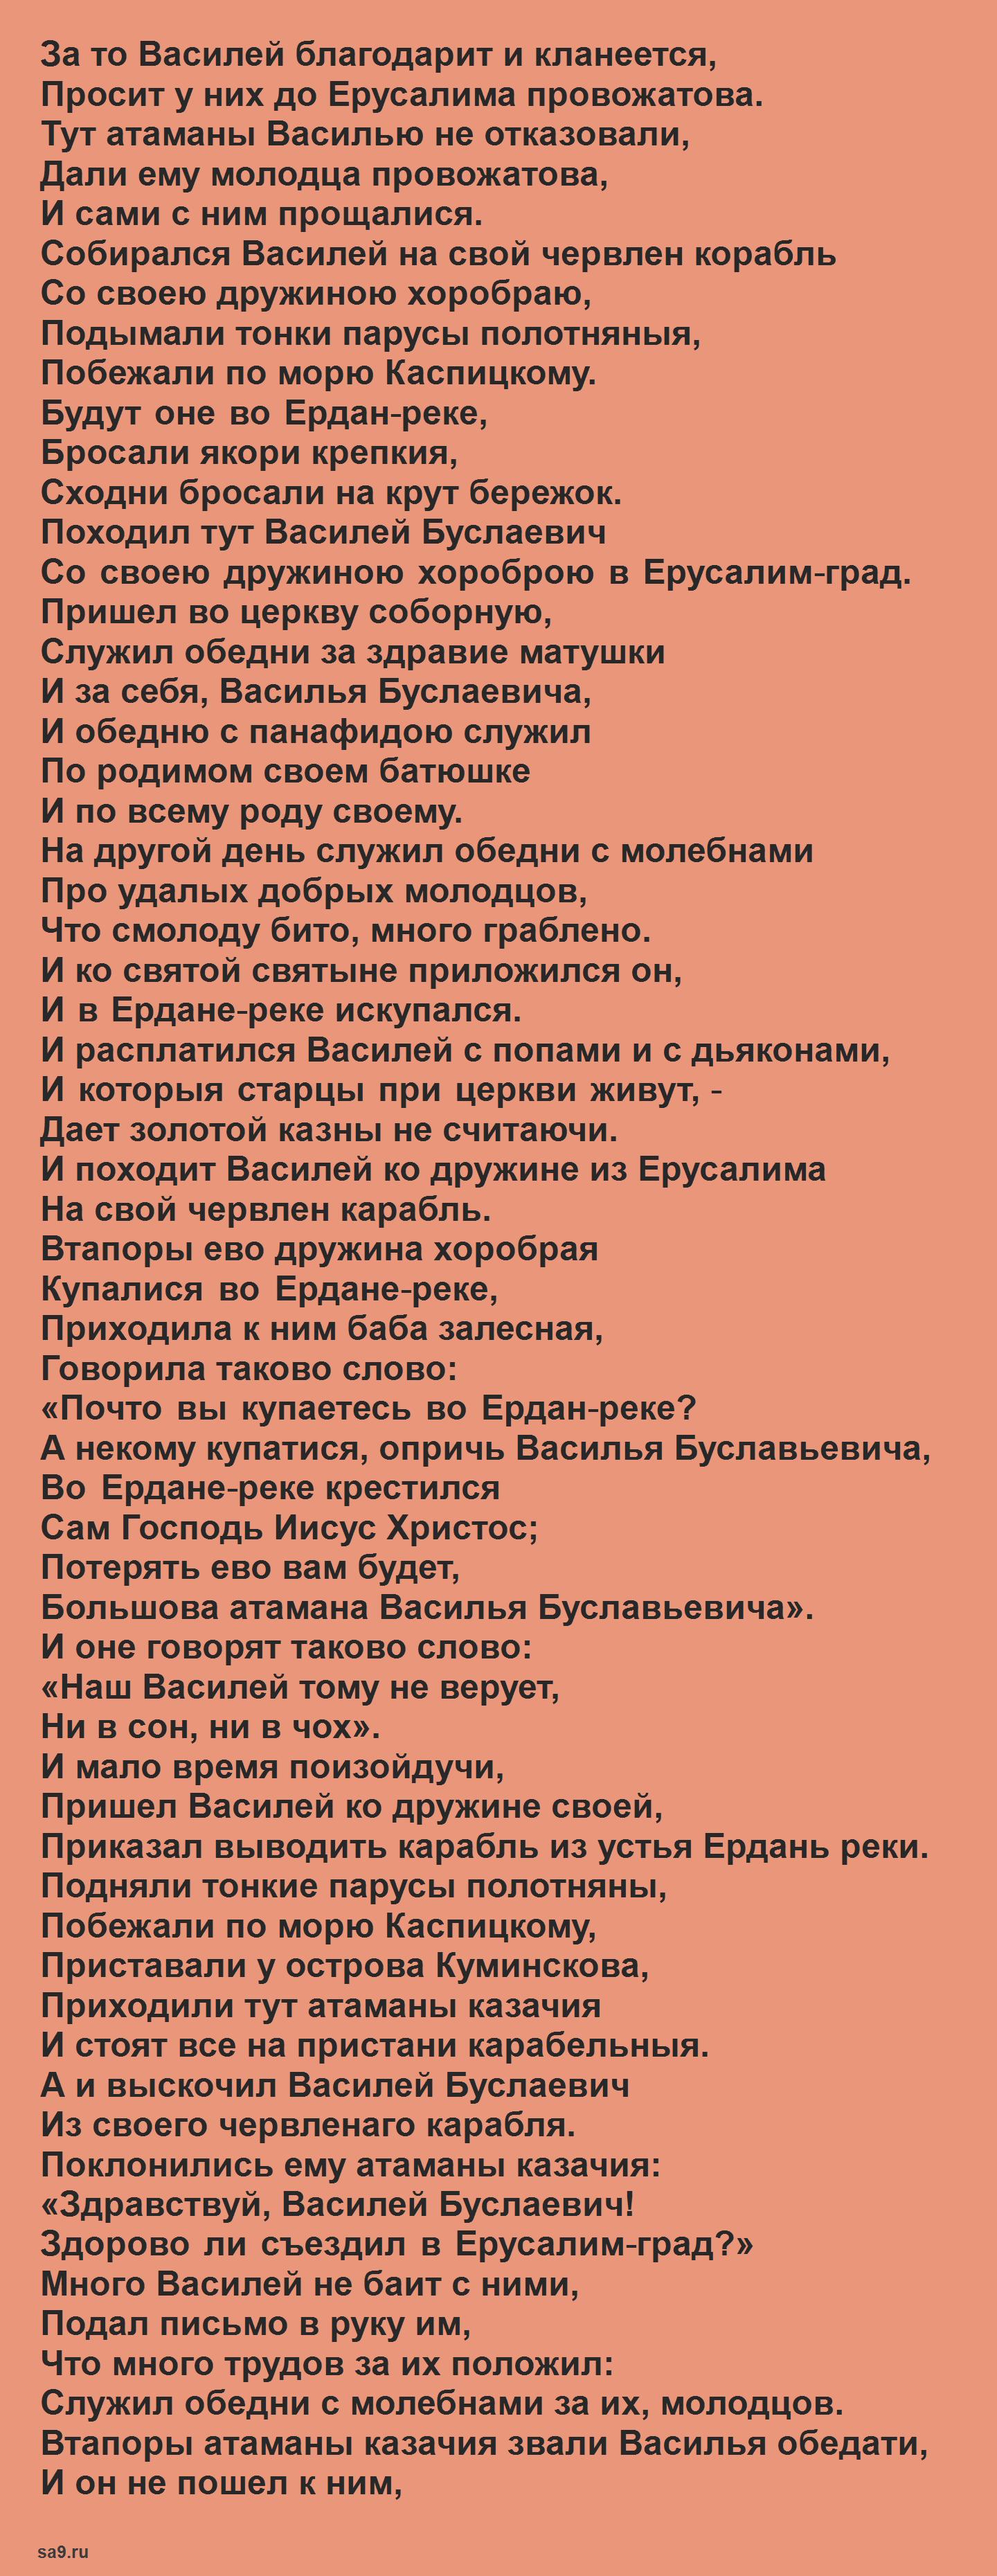 Читать былину - Смерть Василия Буслаева